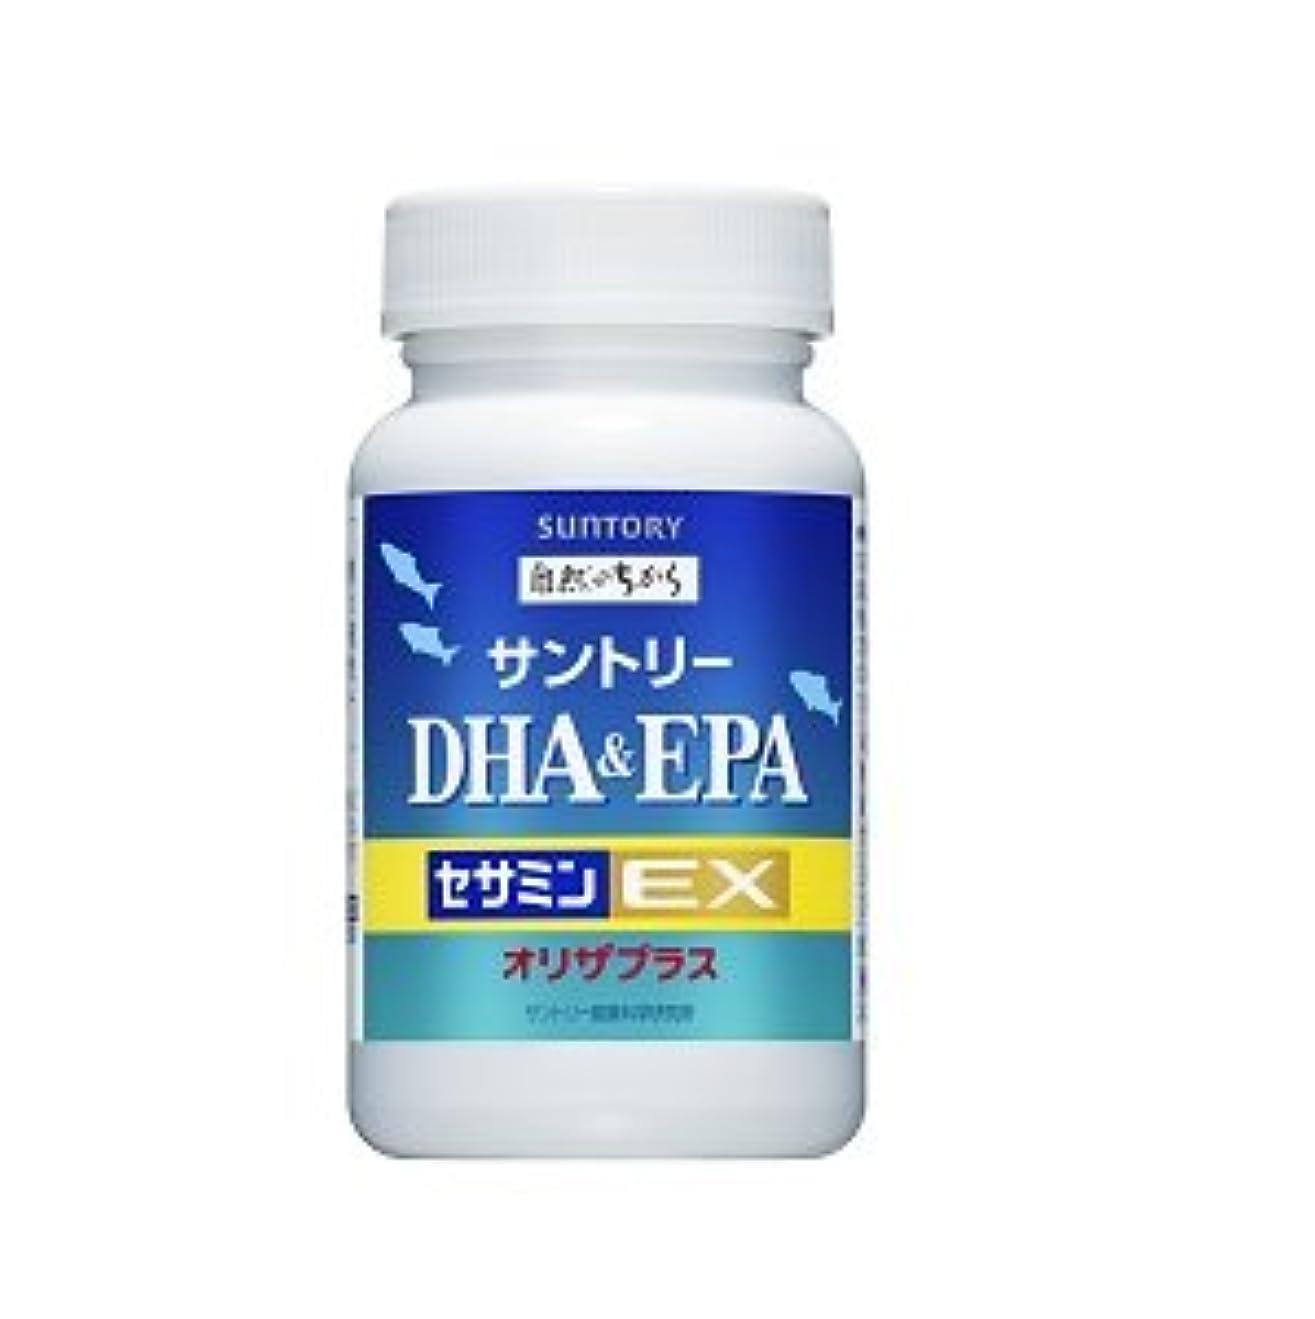 病なアクションブリーフケースサントリー DHA&EPA+セサミンEX 240粒 201707~09